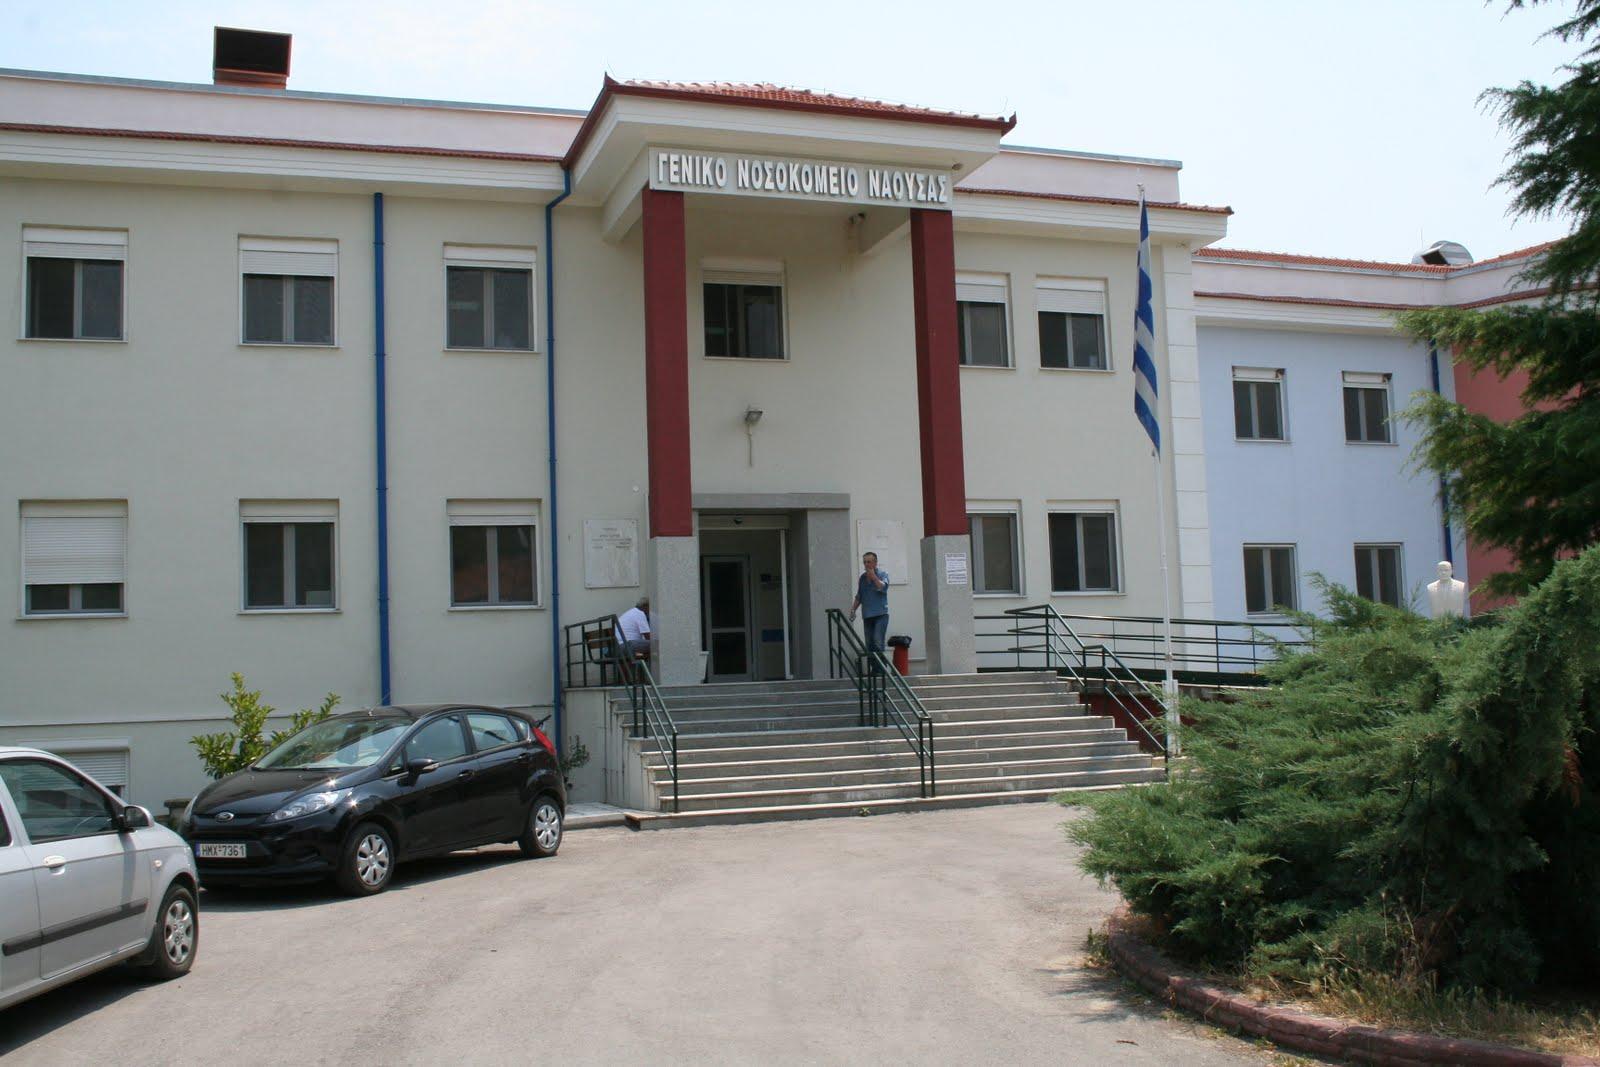 Σωματείο Εργαζομένων Νοσοκομείου Νάουσας: Κλείνει για 15 ημέρες η Ορθοπεδική Κλινική